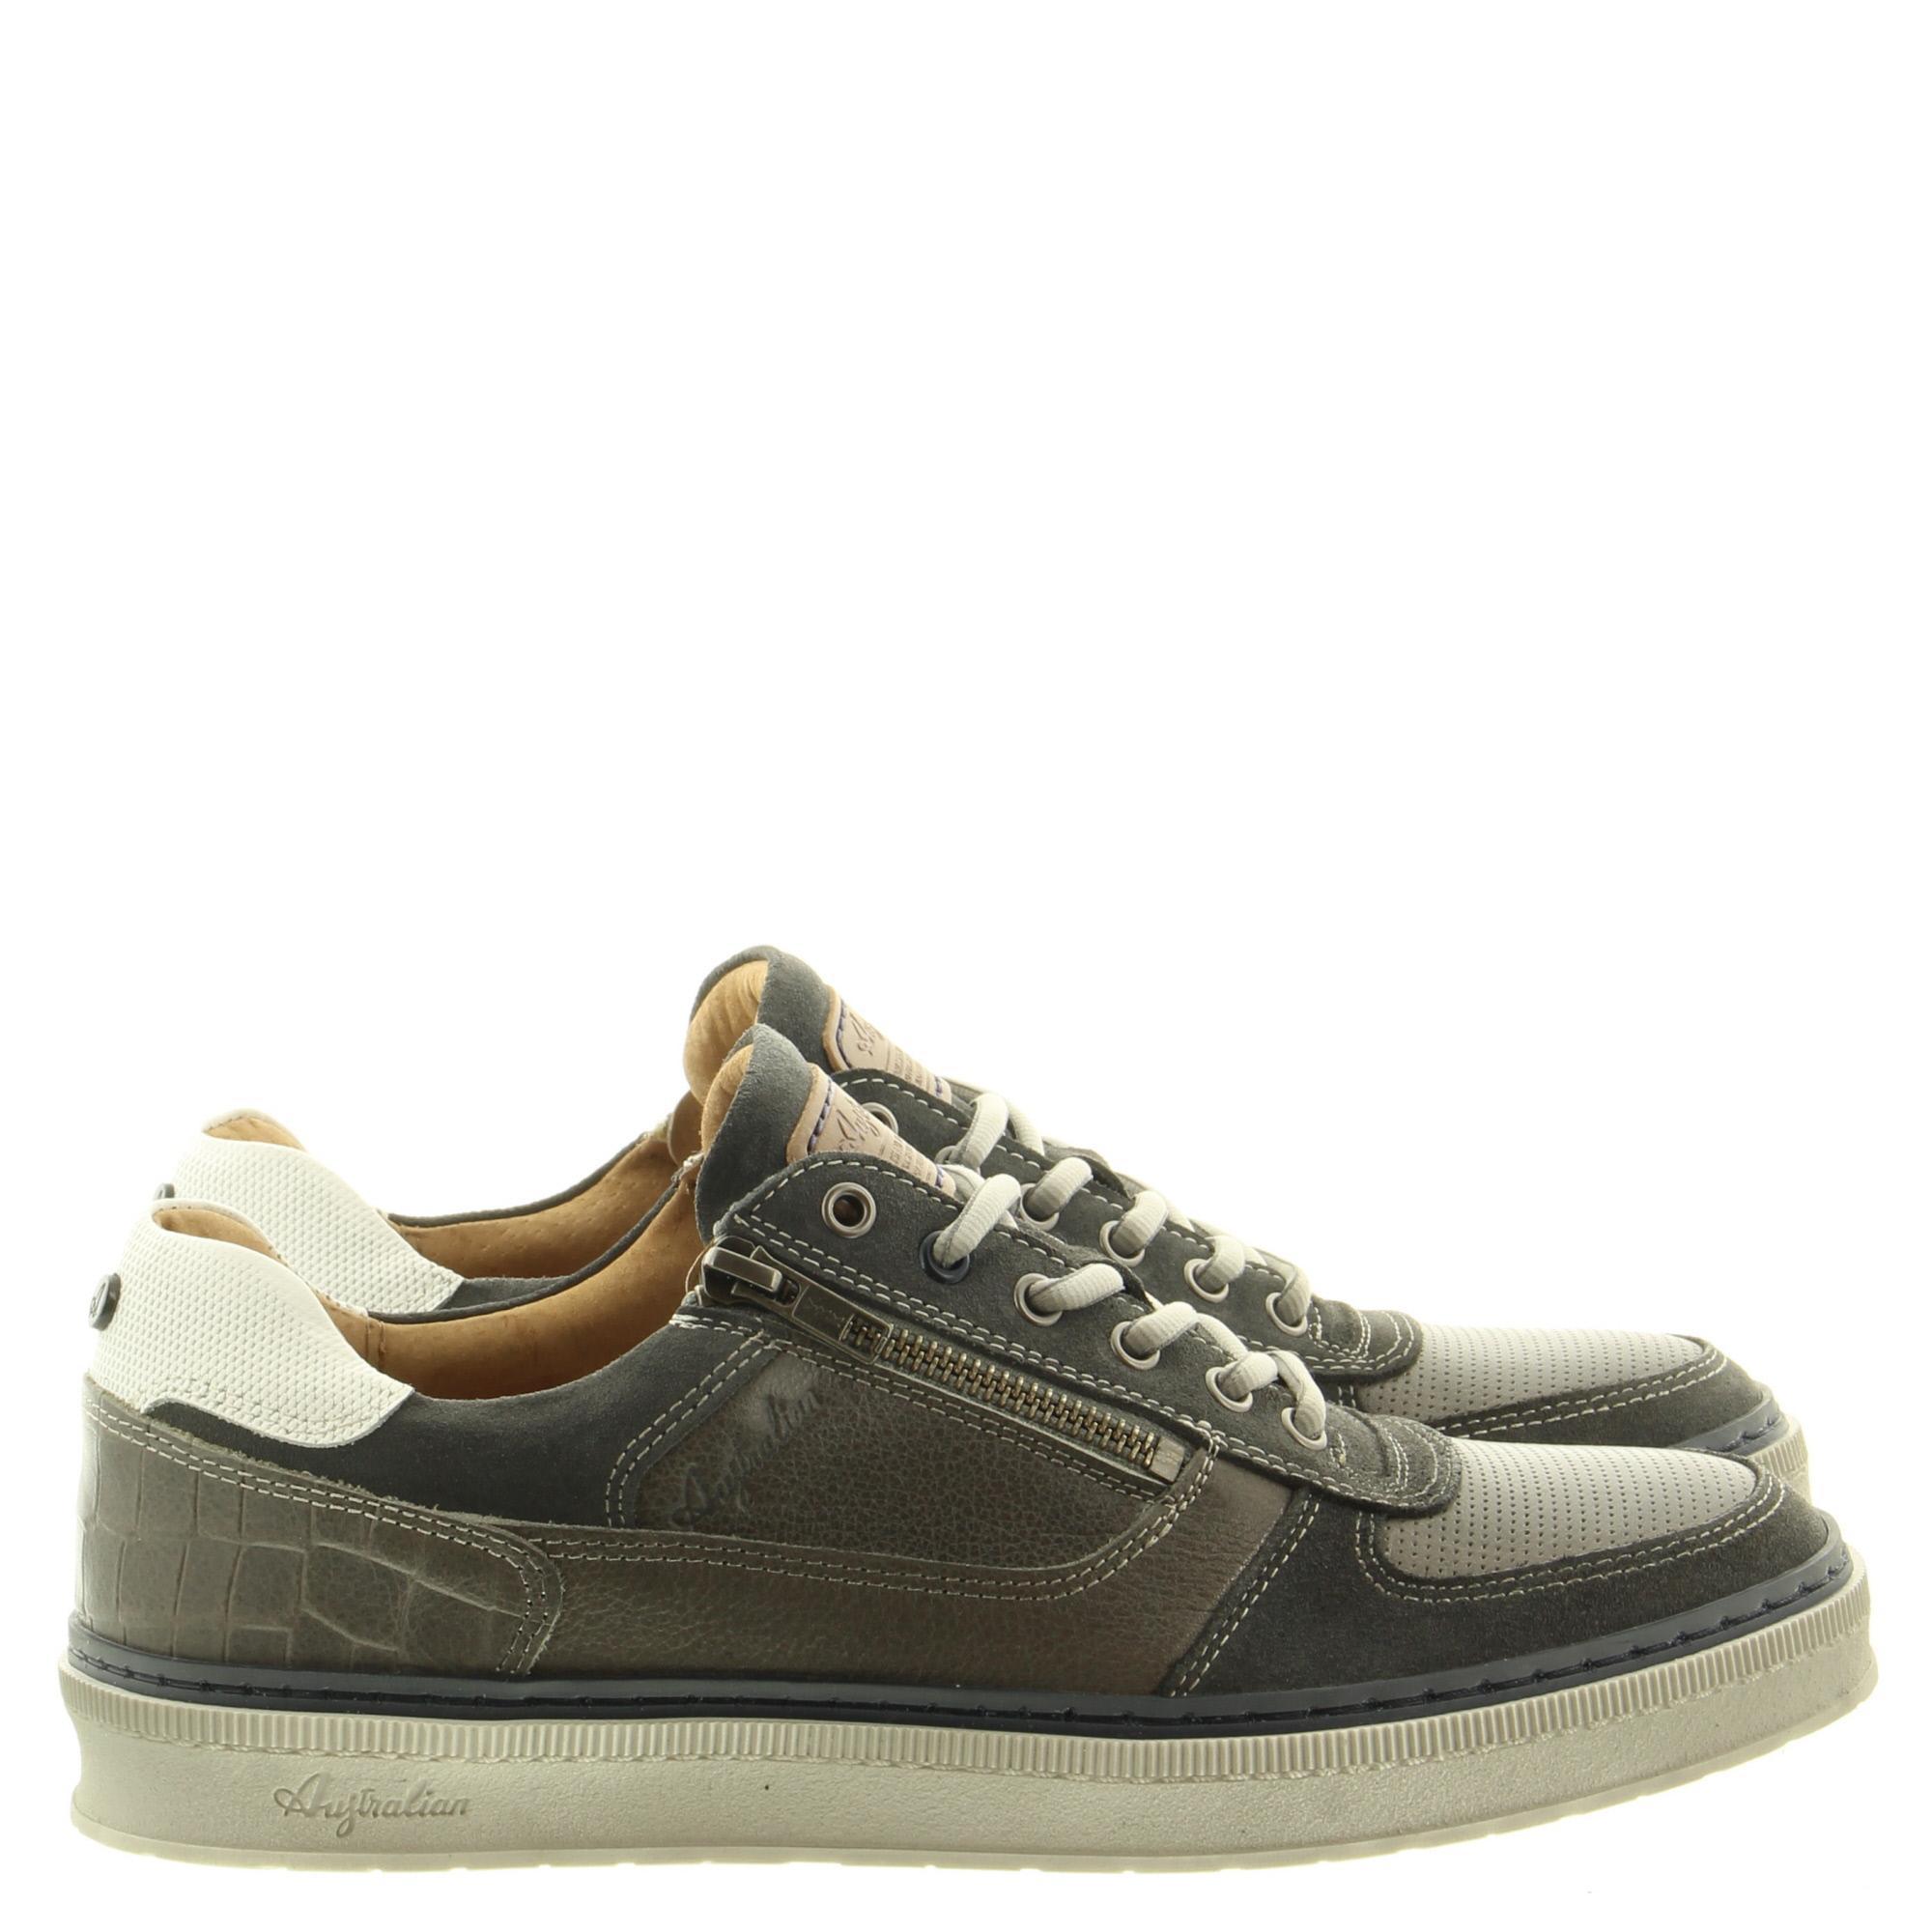 Australian Footwear Winchester 15.1520.01 K01 Grey-White